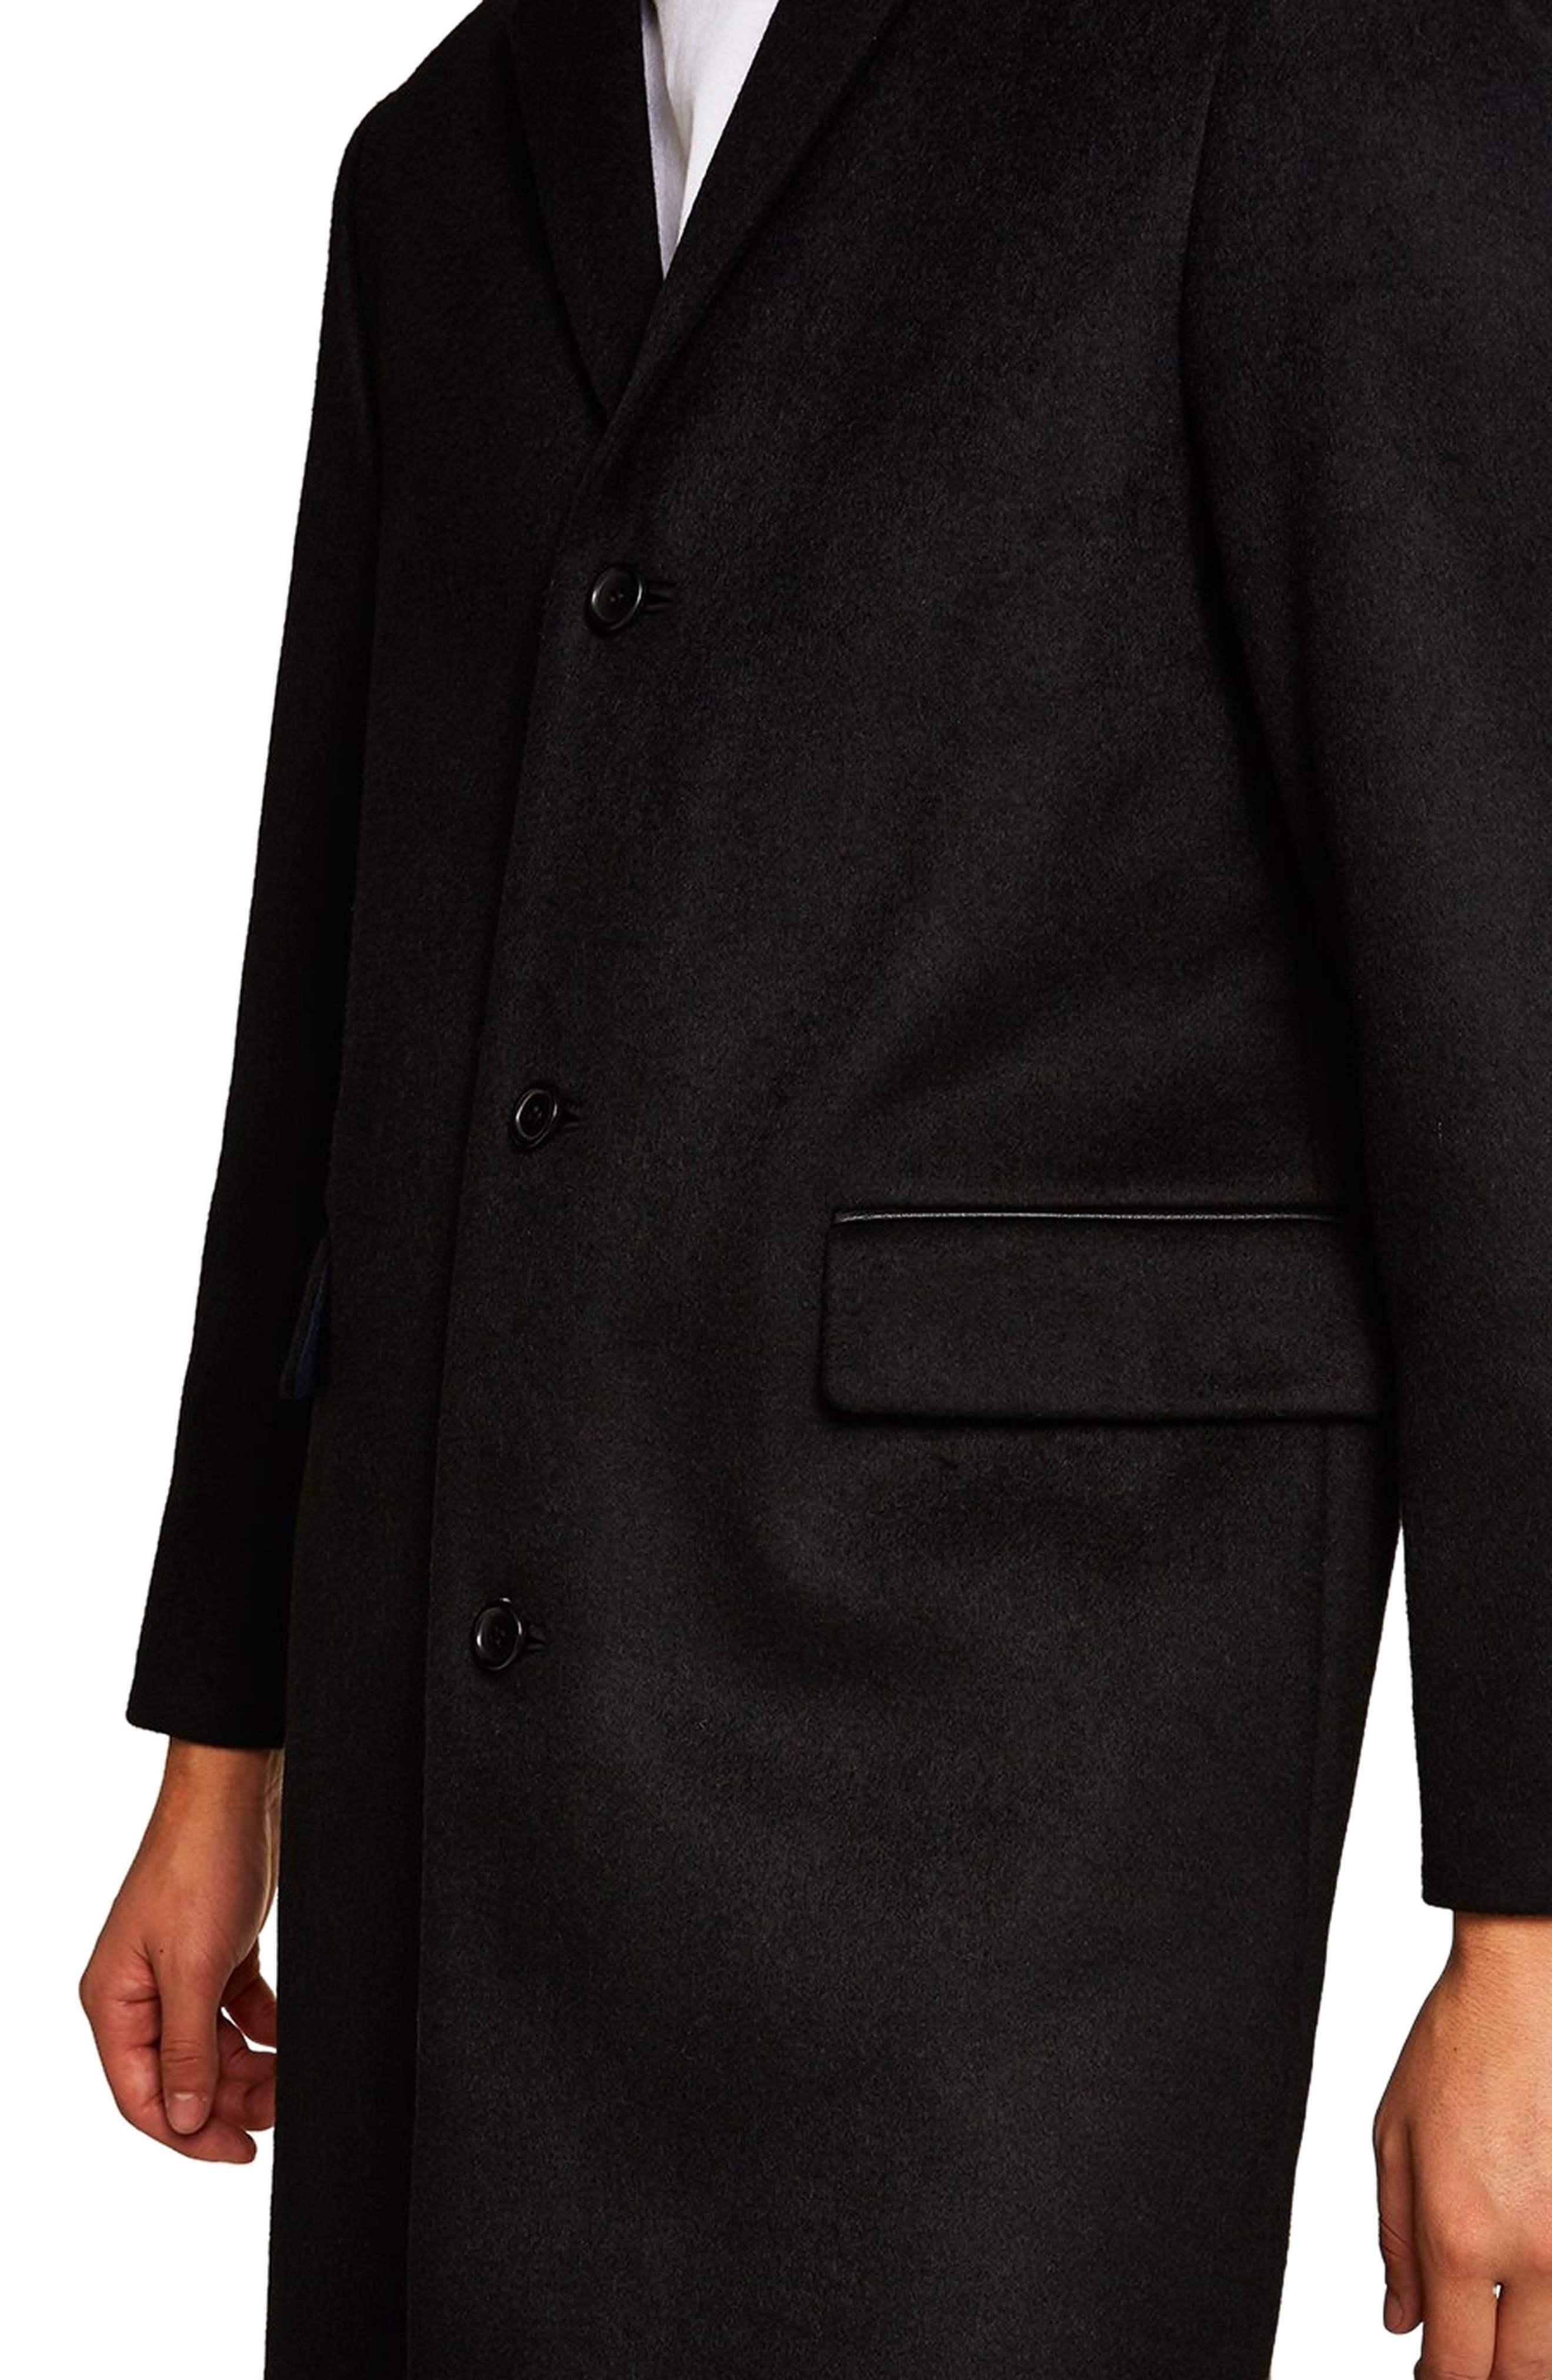 Wool Blend Overcoat,                             Alternate thumbnail 4, color,                             BLACK